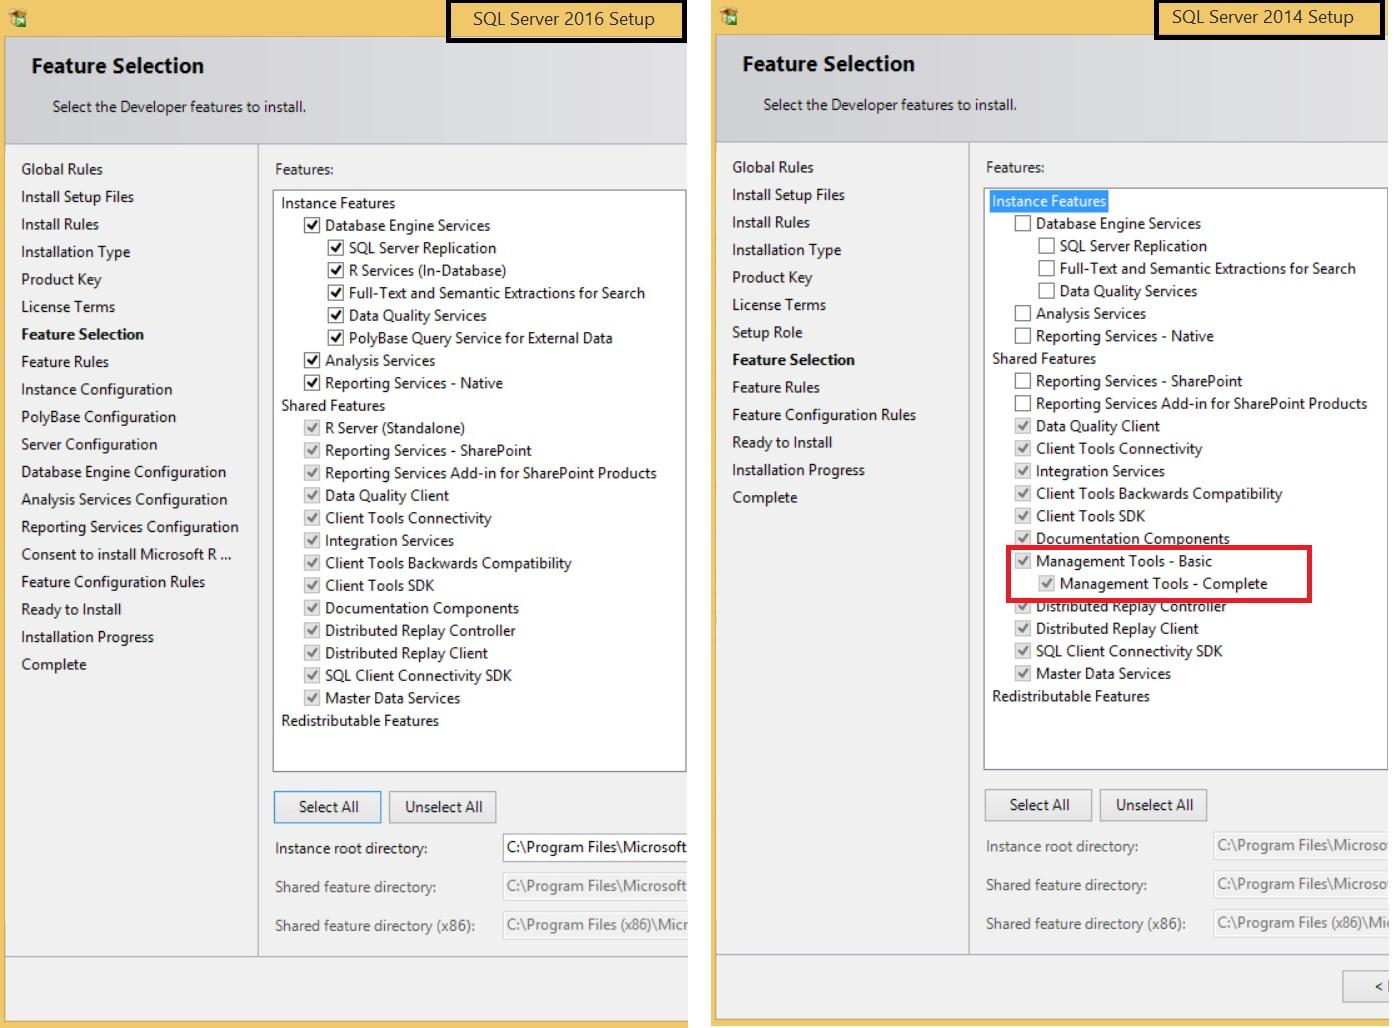 SQL Server 2016 Feature list 2016 vs SQL Server 2014 Feature List